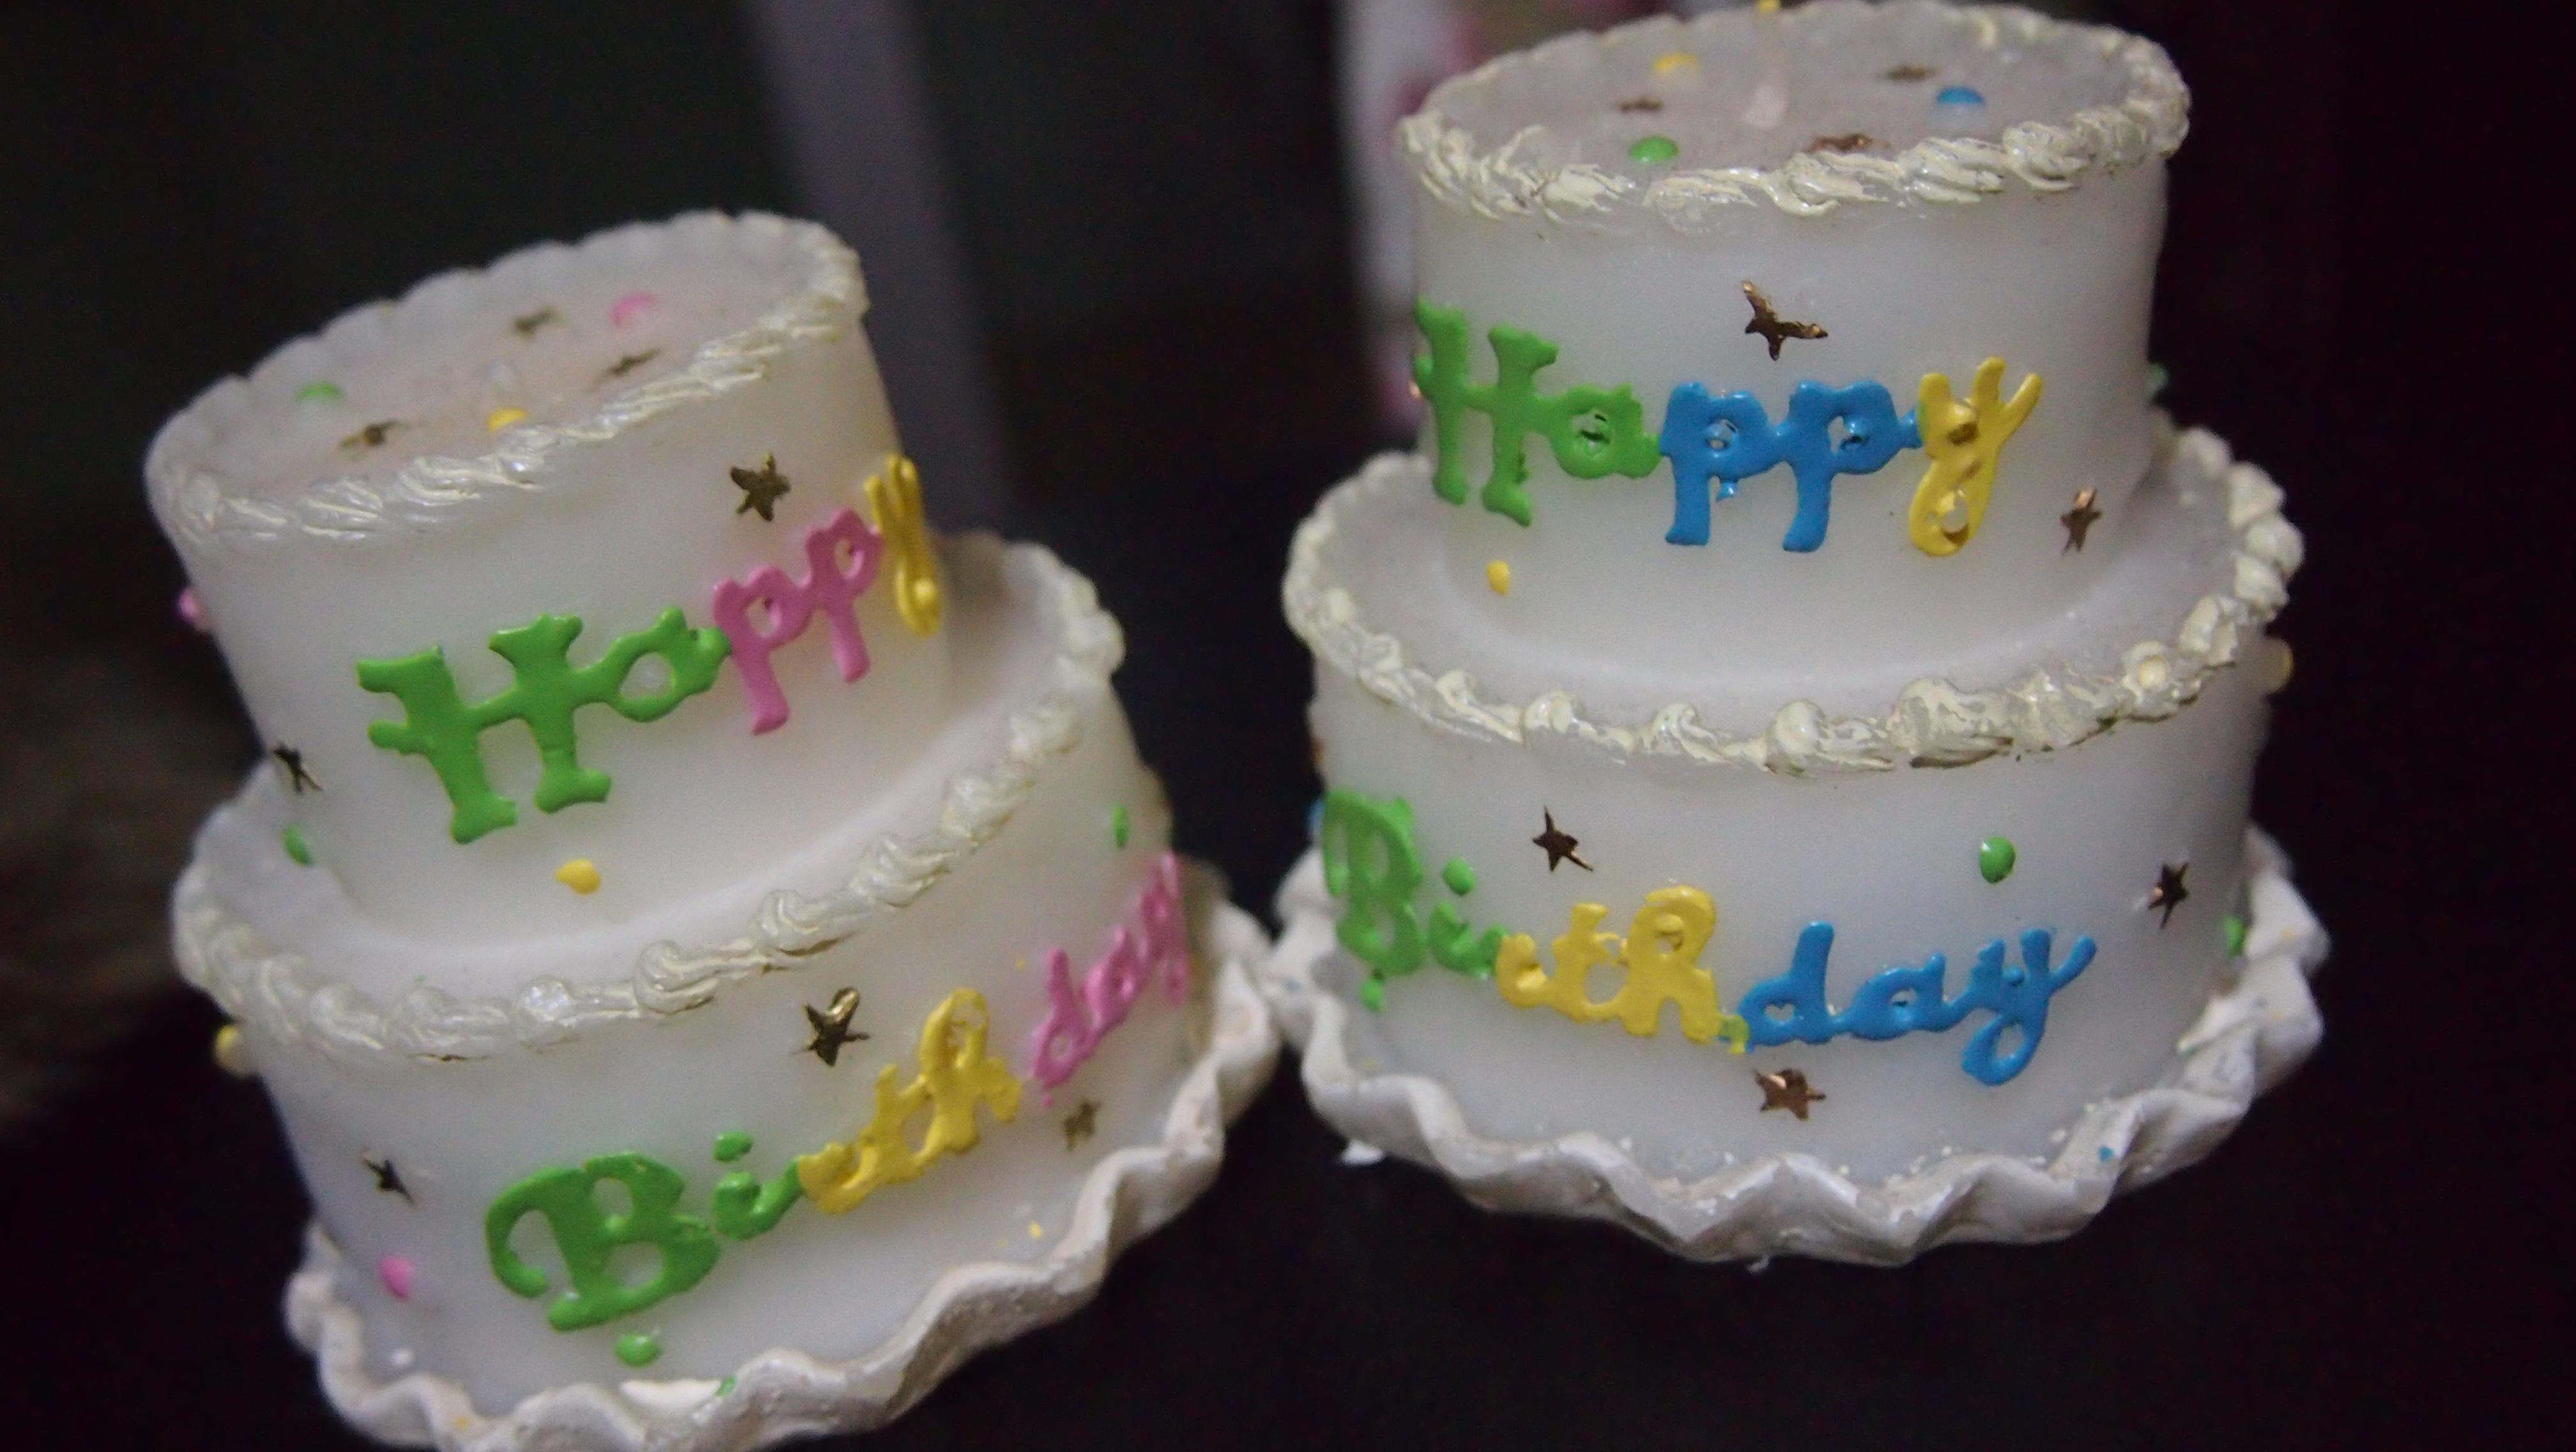 生日蛋糕蜡烛是不是很可爱